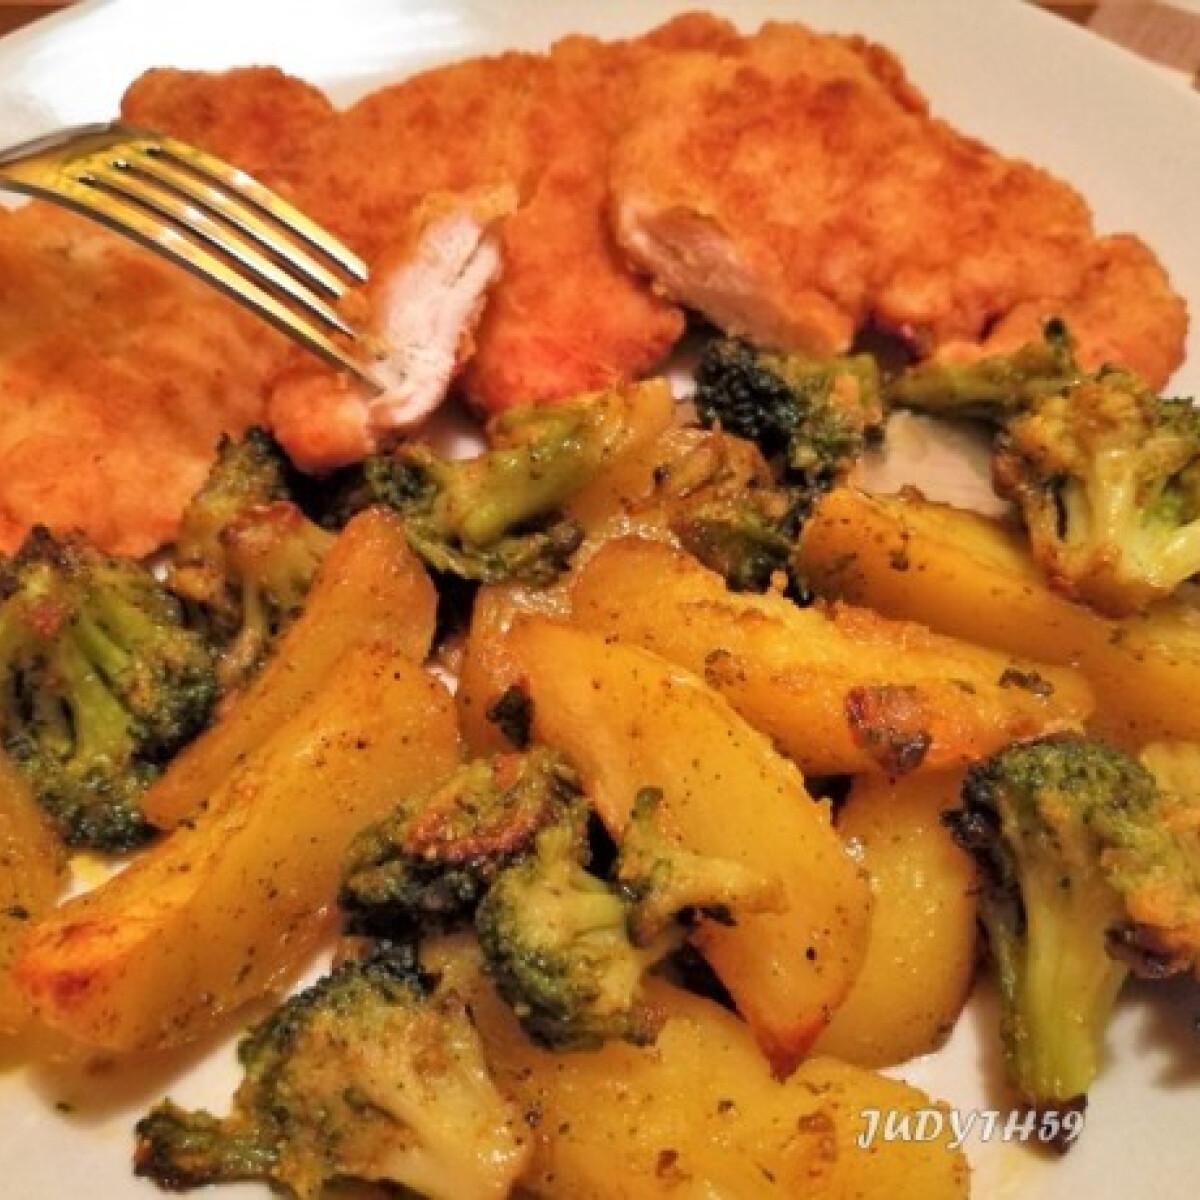 Ezen a képen: Frissen sült csirkemell - sütőben sült zöldségkörettel